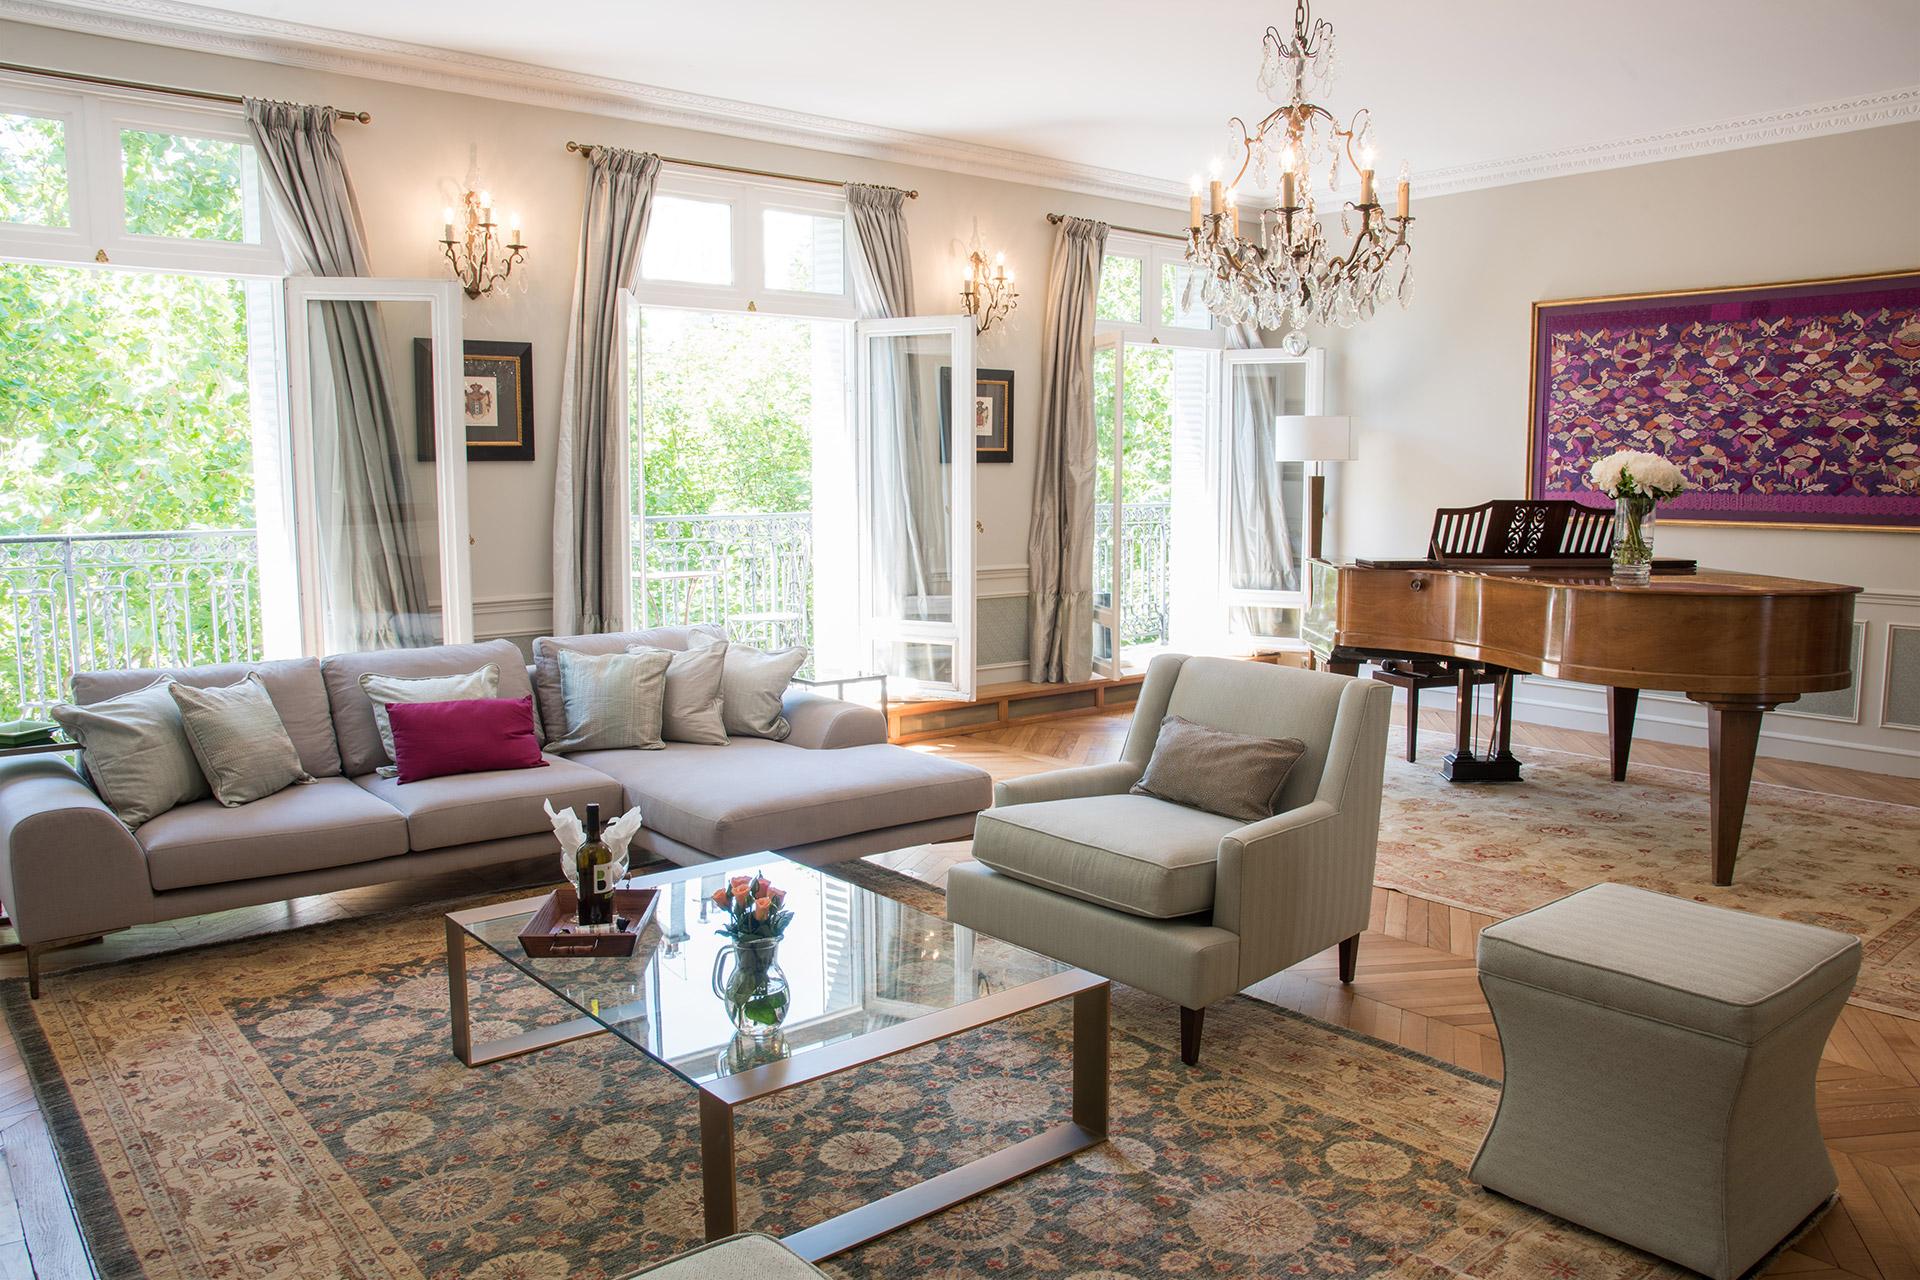 Luxury Three Bedroom Paris Apartment for Rent